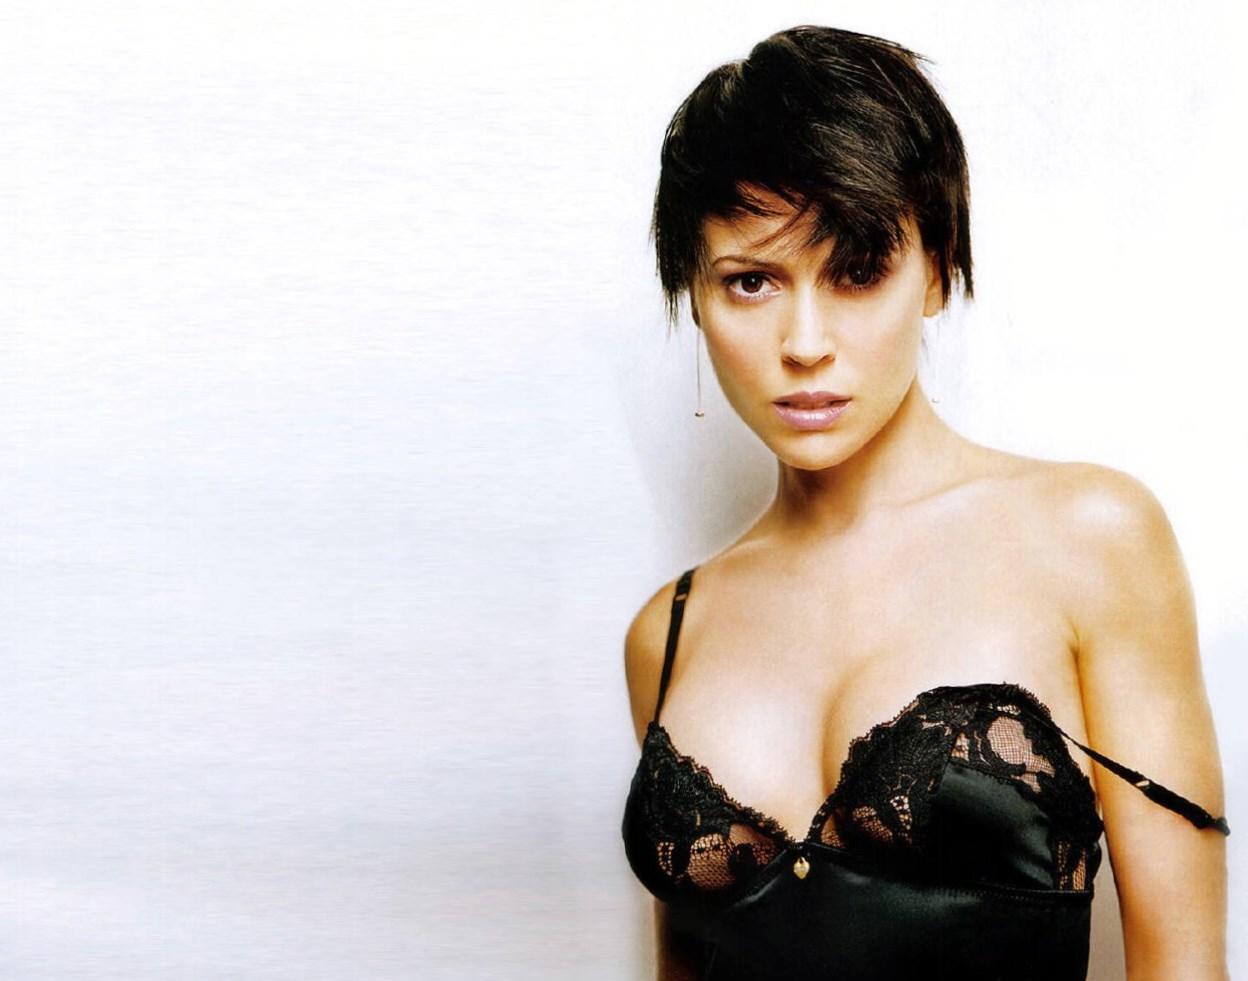 Alyssa Milano - Height, Weight, Age